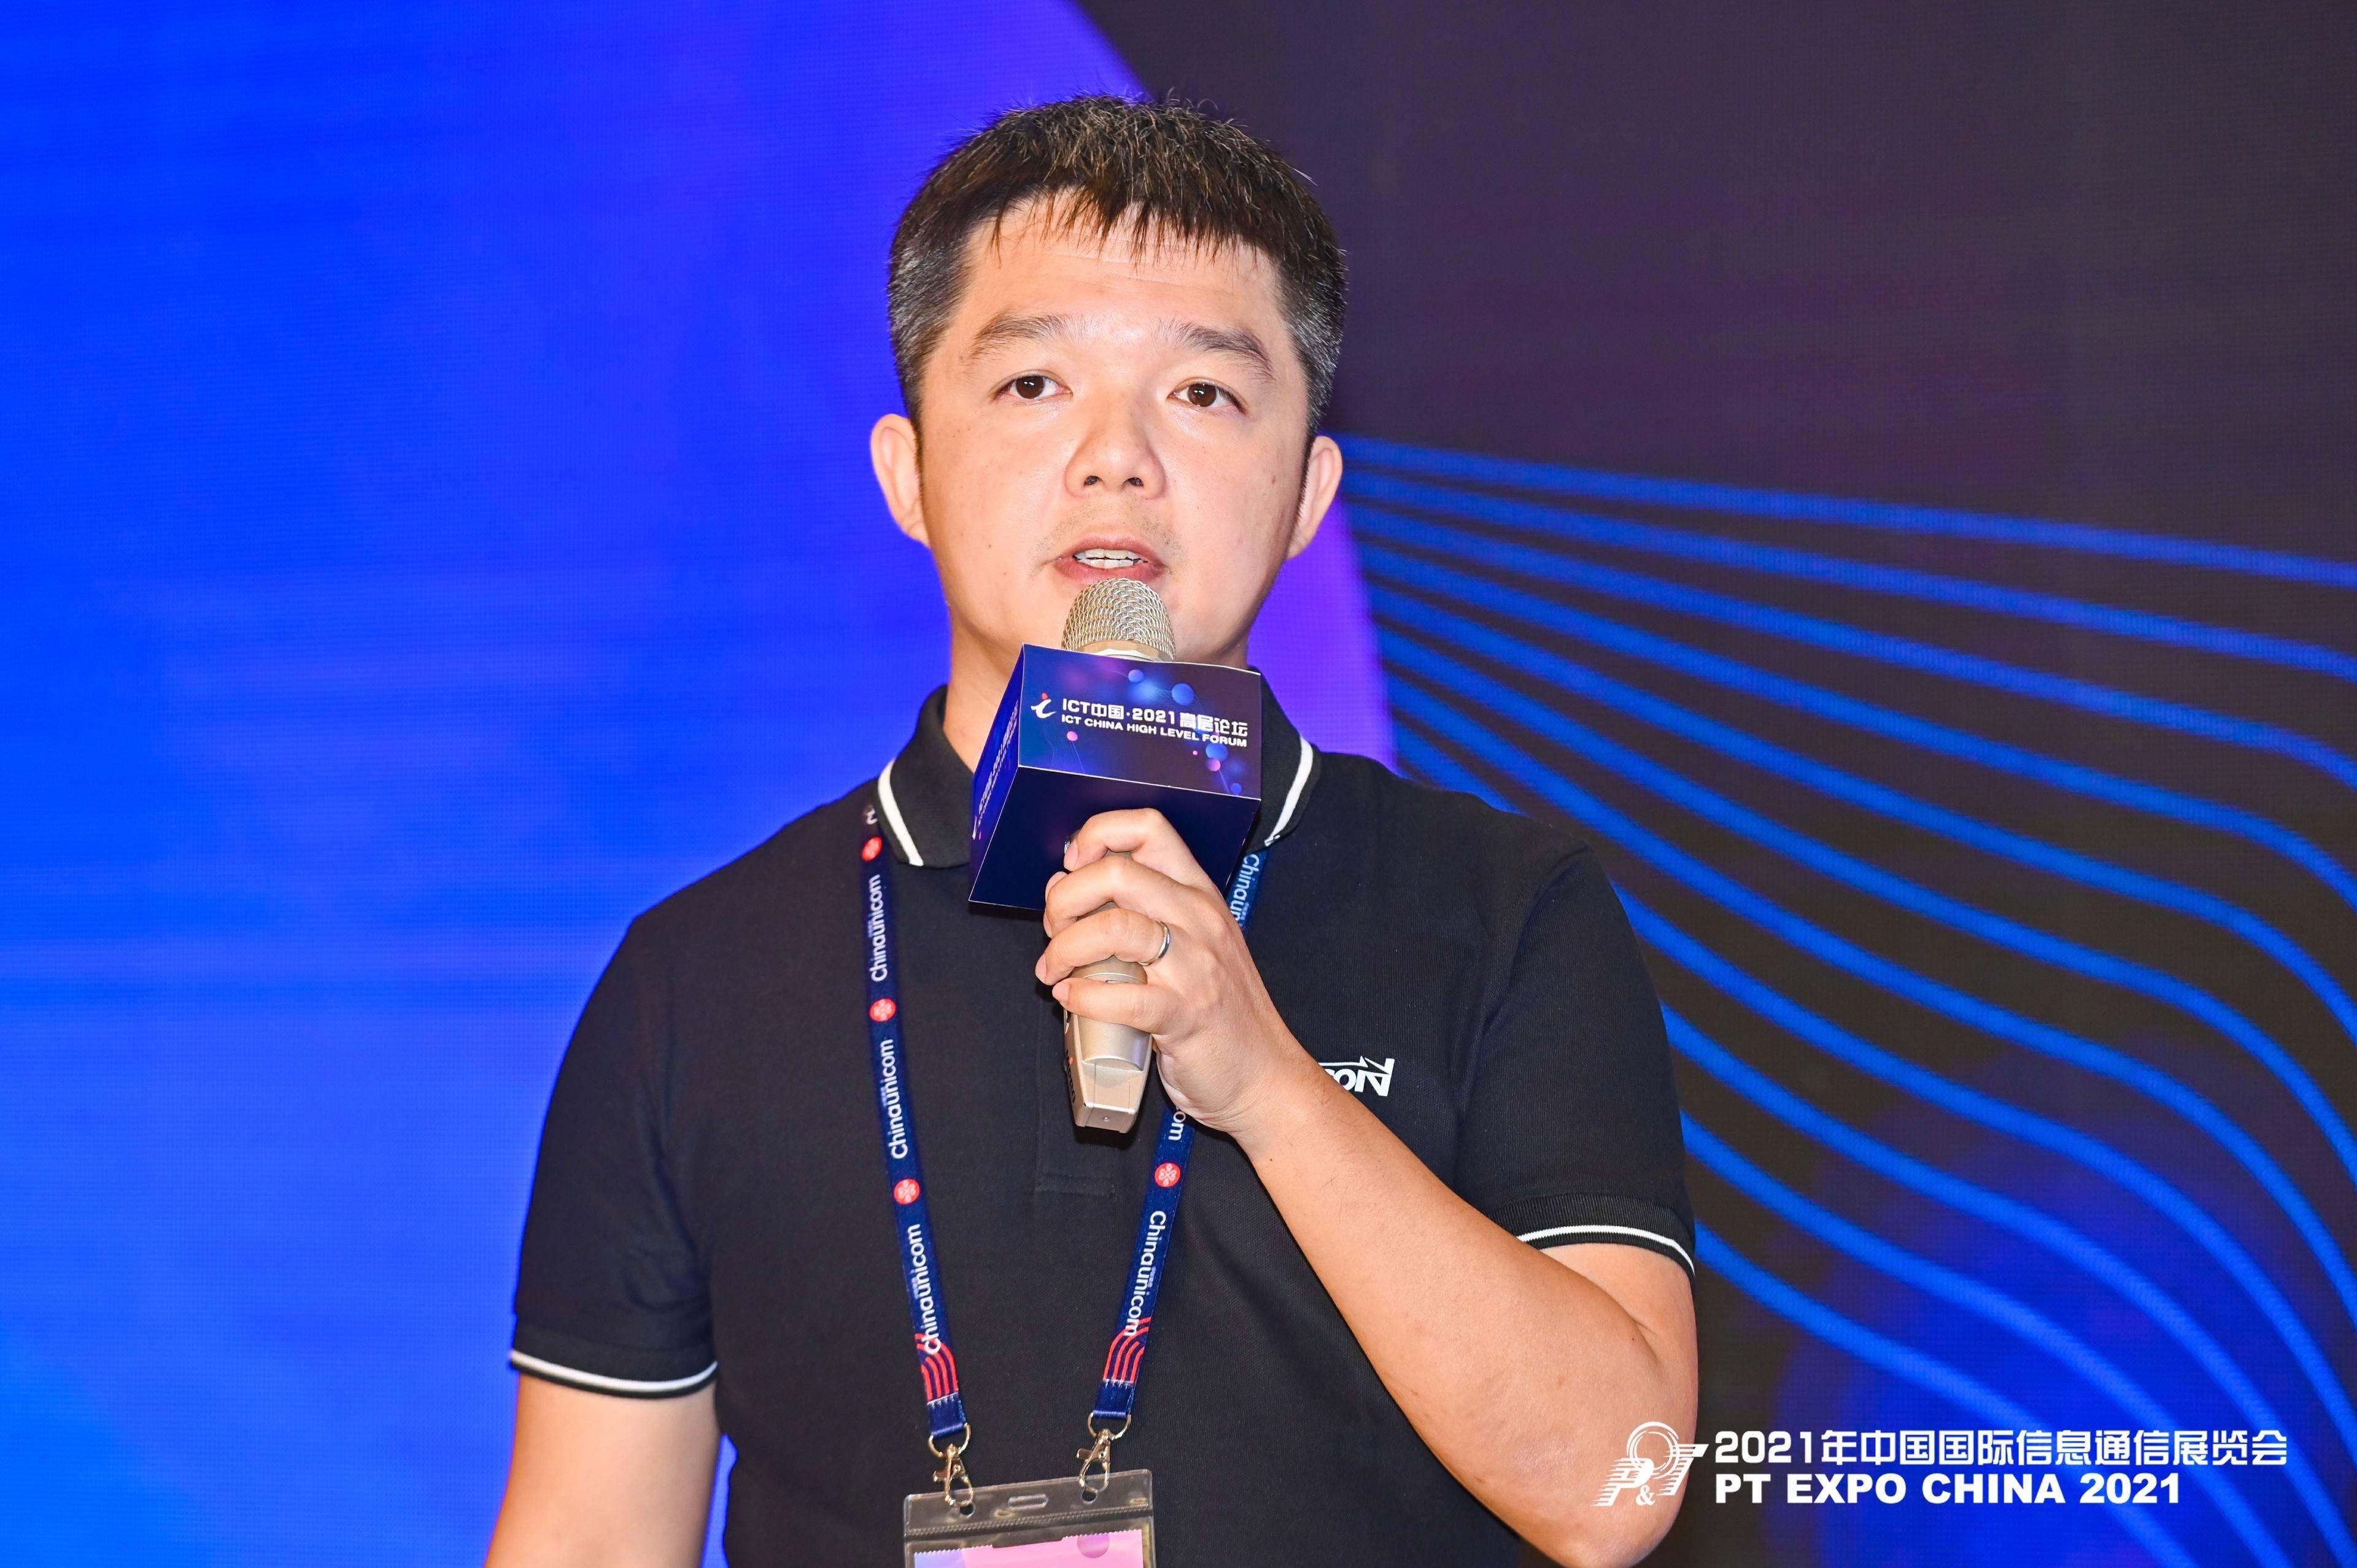 玻色量子创始人、CEO文凯/来源:2021中国国际信息通信展览会